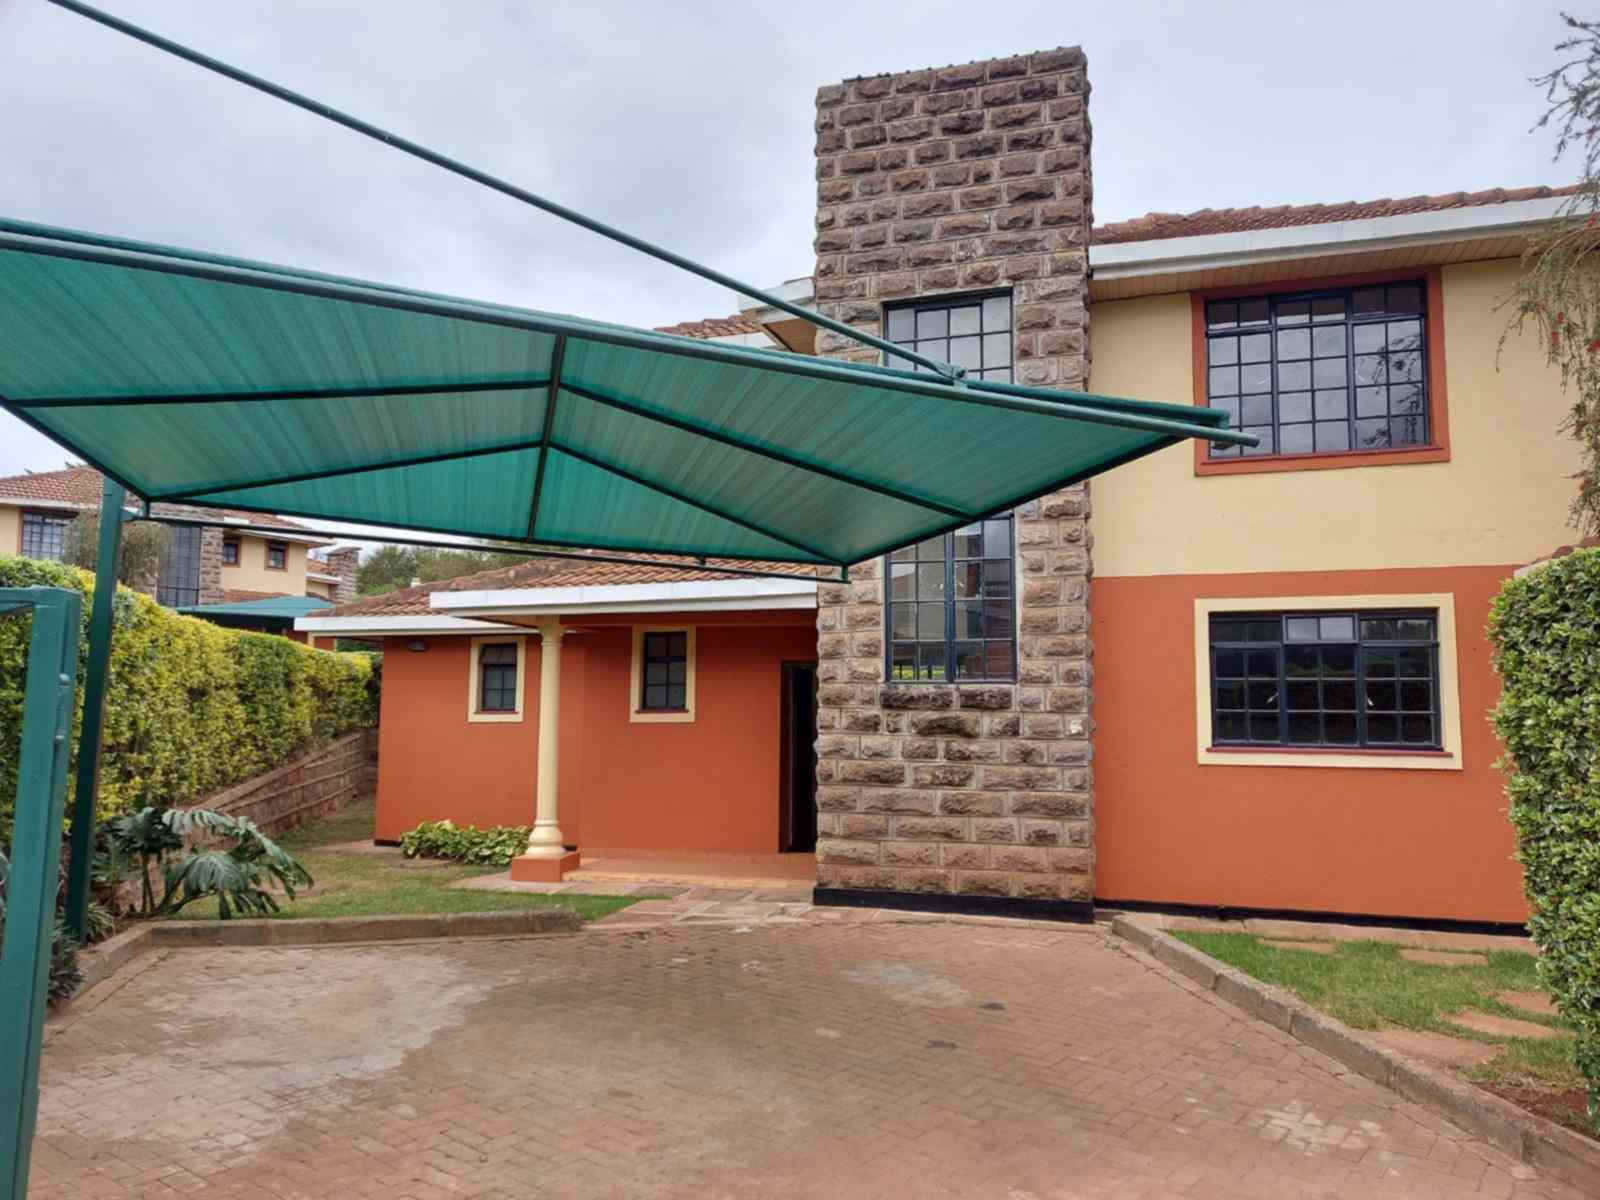 3 and 4 bedroom Villas for rent along Kiambu road